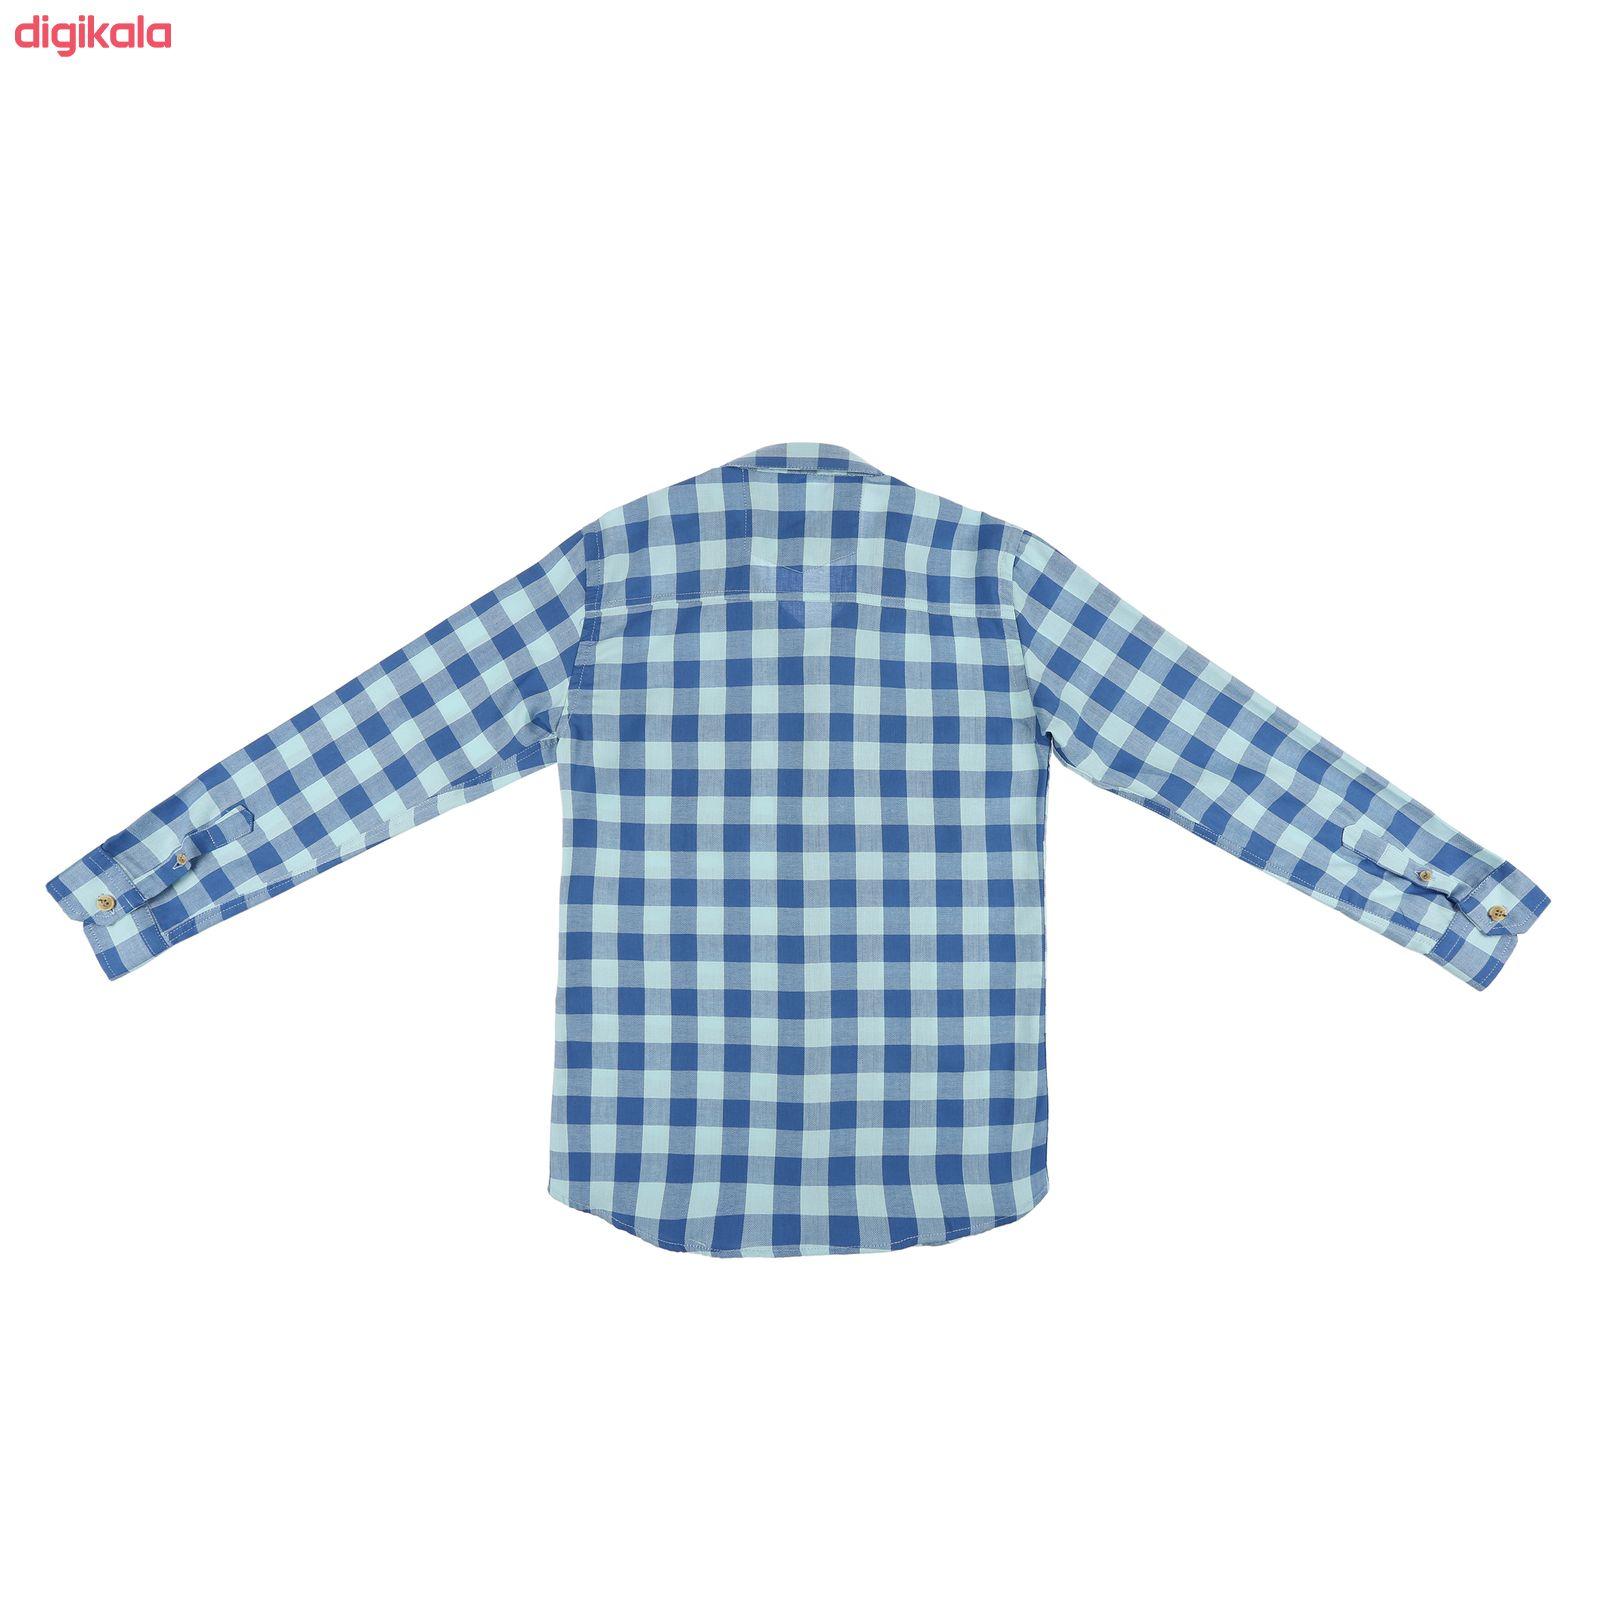 پیراهن پسرانه ناوالس کد D-20119-BL main 1 2